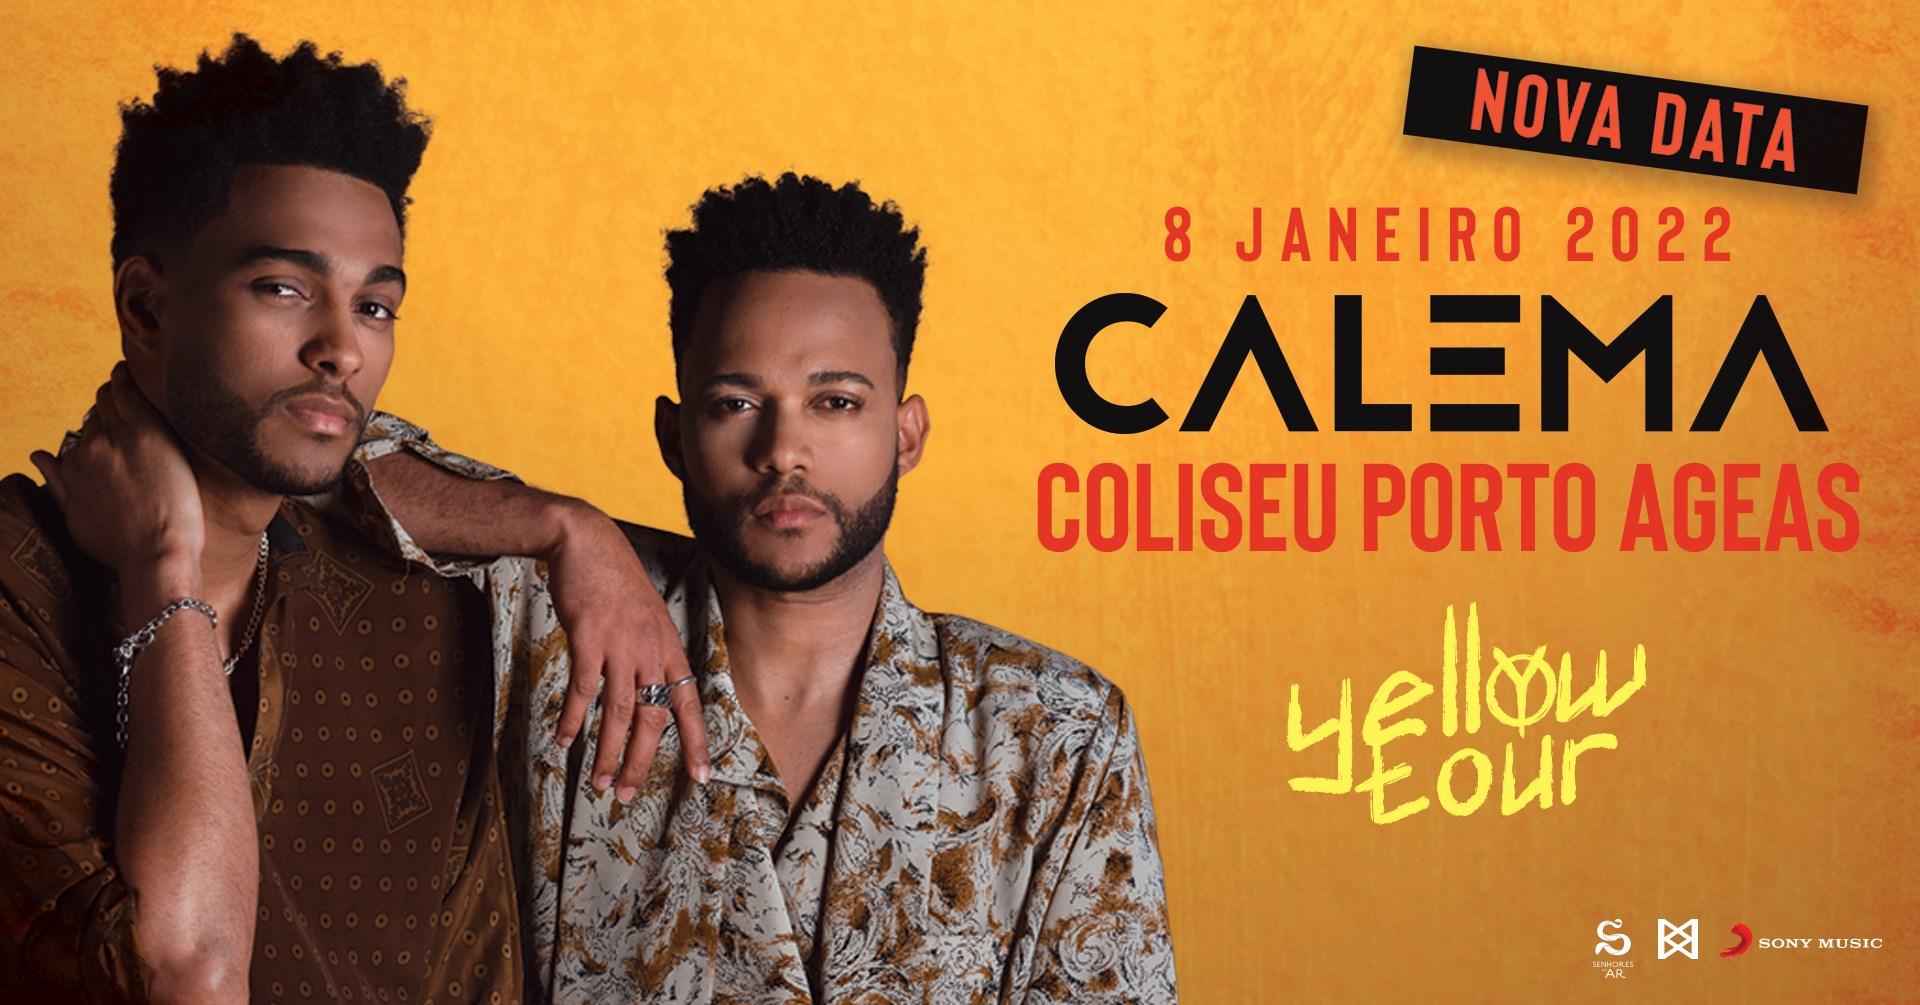 Calema | Coliseu Porto AGEAS - 8 Janeiro 2022